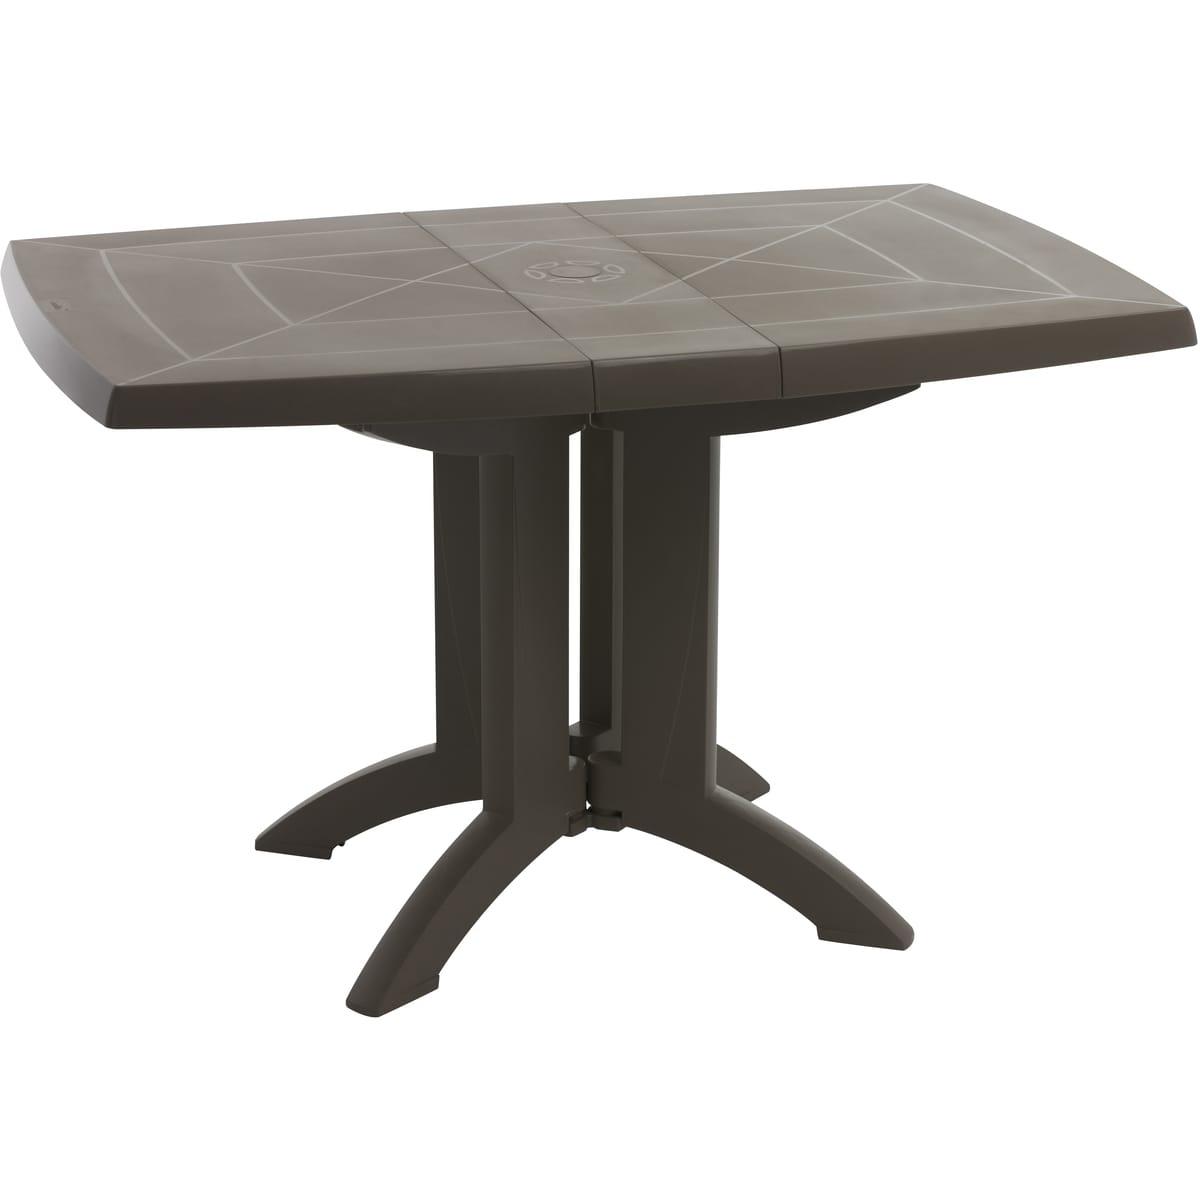 Grosfillex Table De Jardin Pliante 118X77Cm Résine Taupe Vega serapportantà Chaise De Jardin Auchan